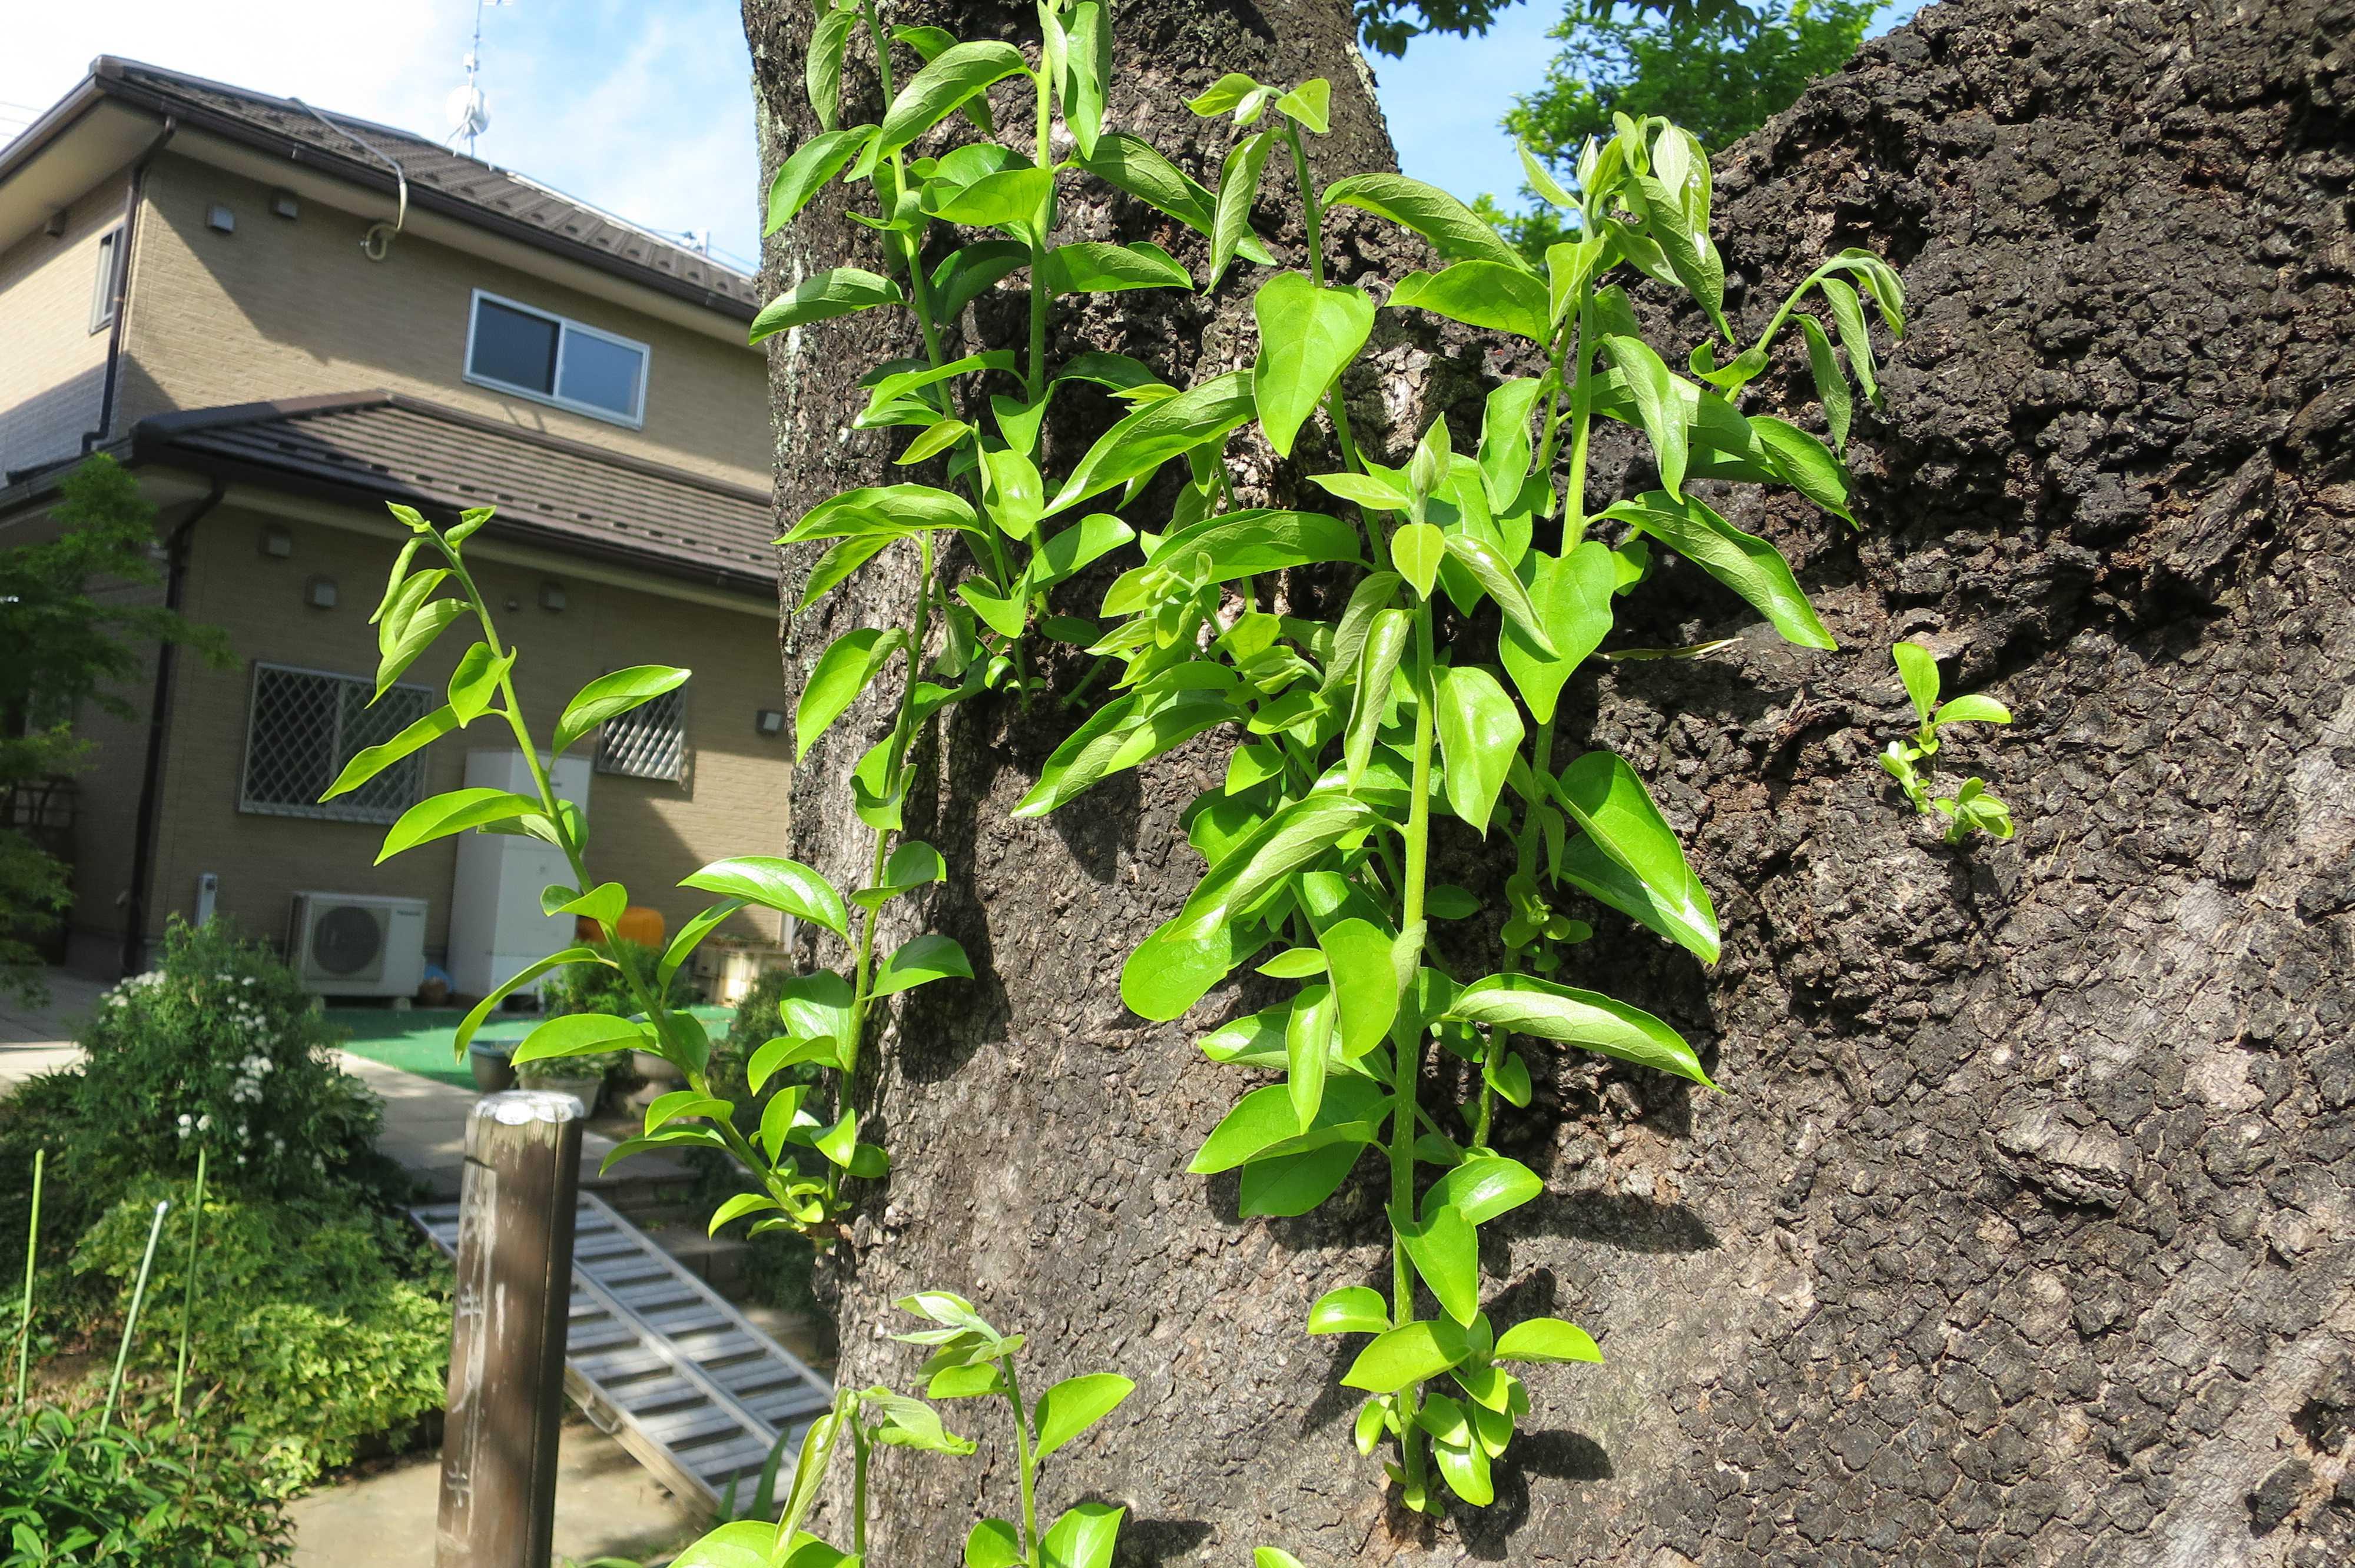 岡上の禅寺丸柿の木(カキノキ)の萌芽力